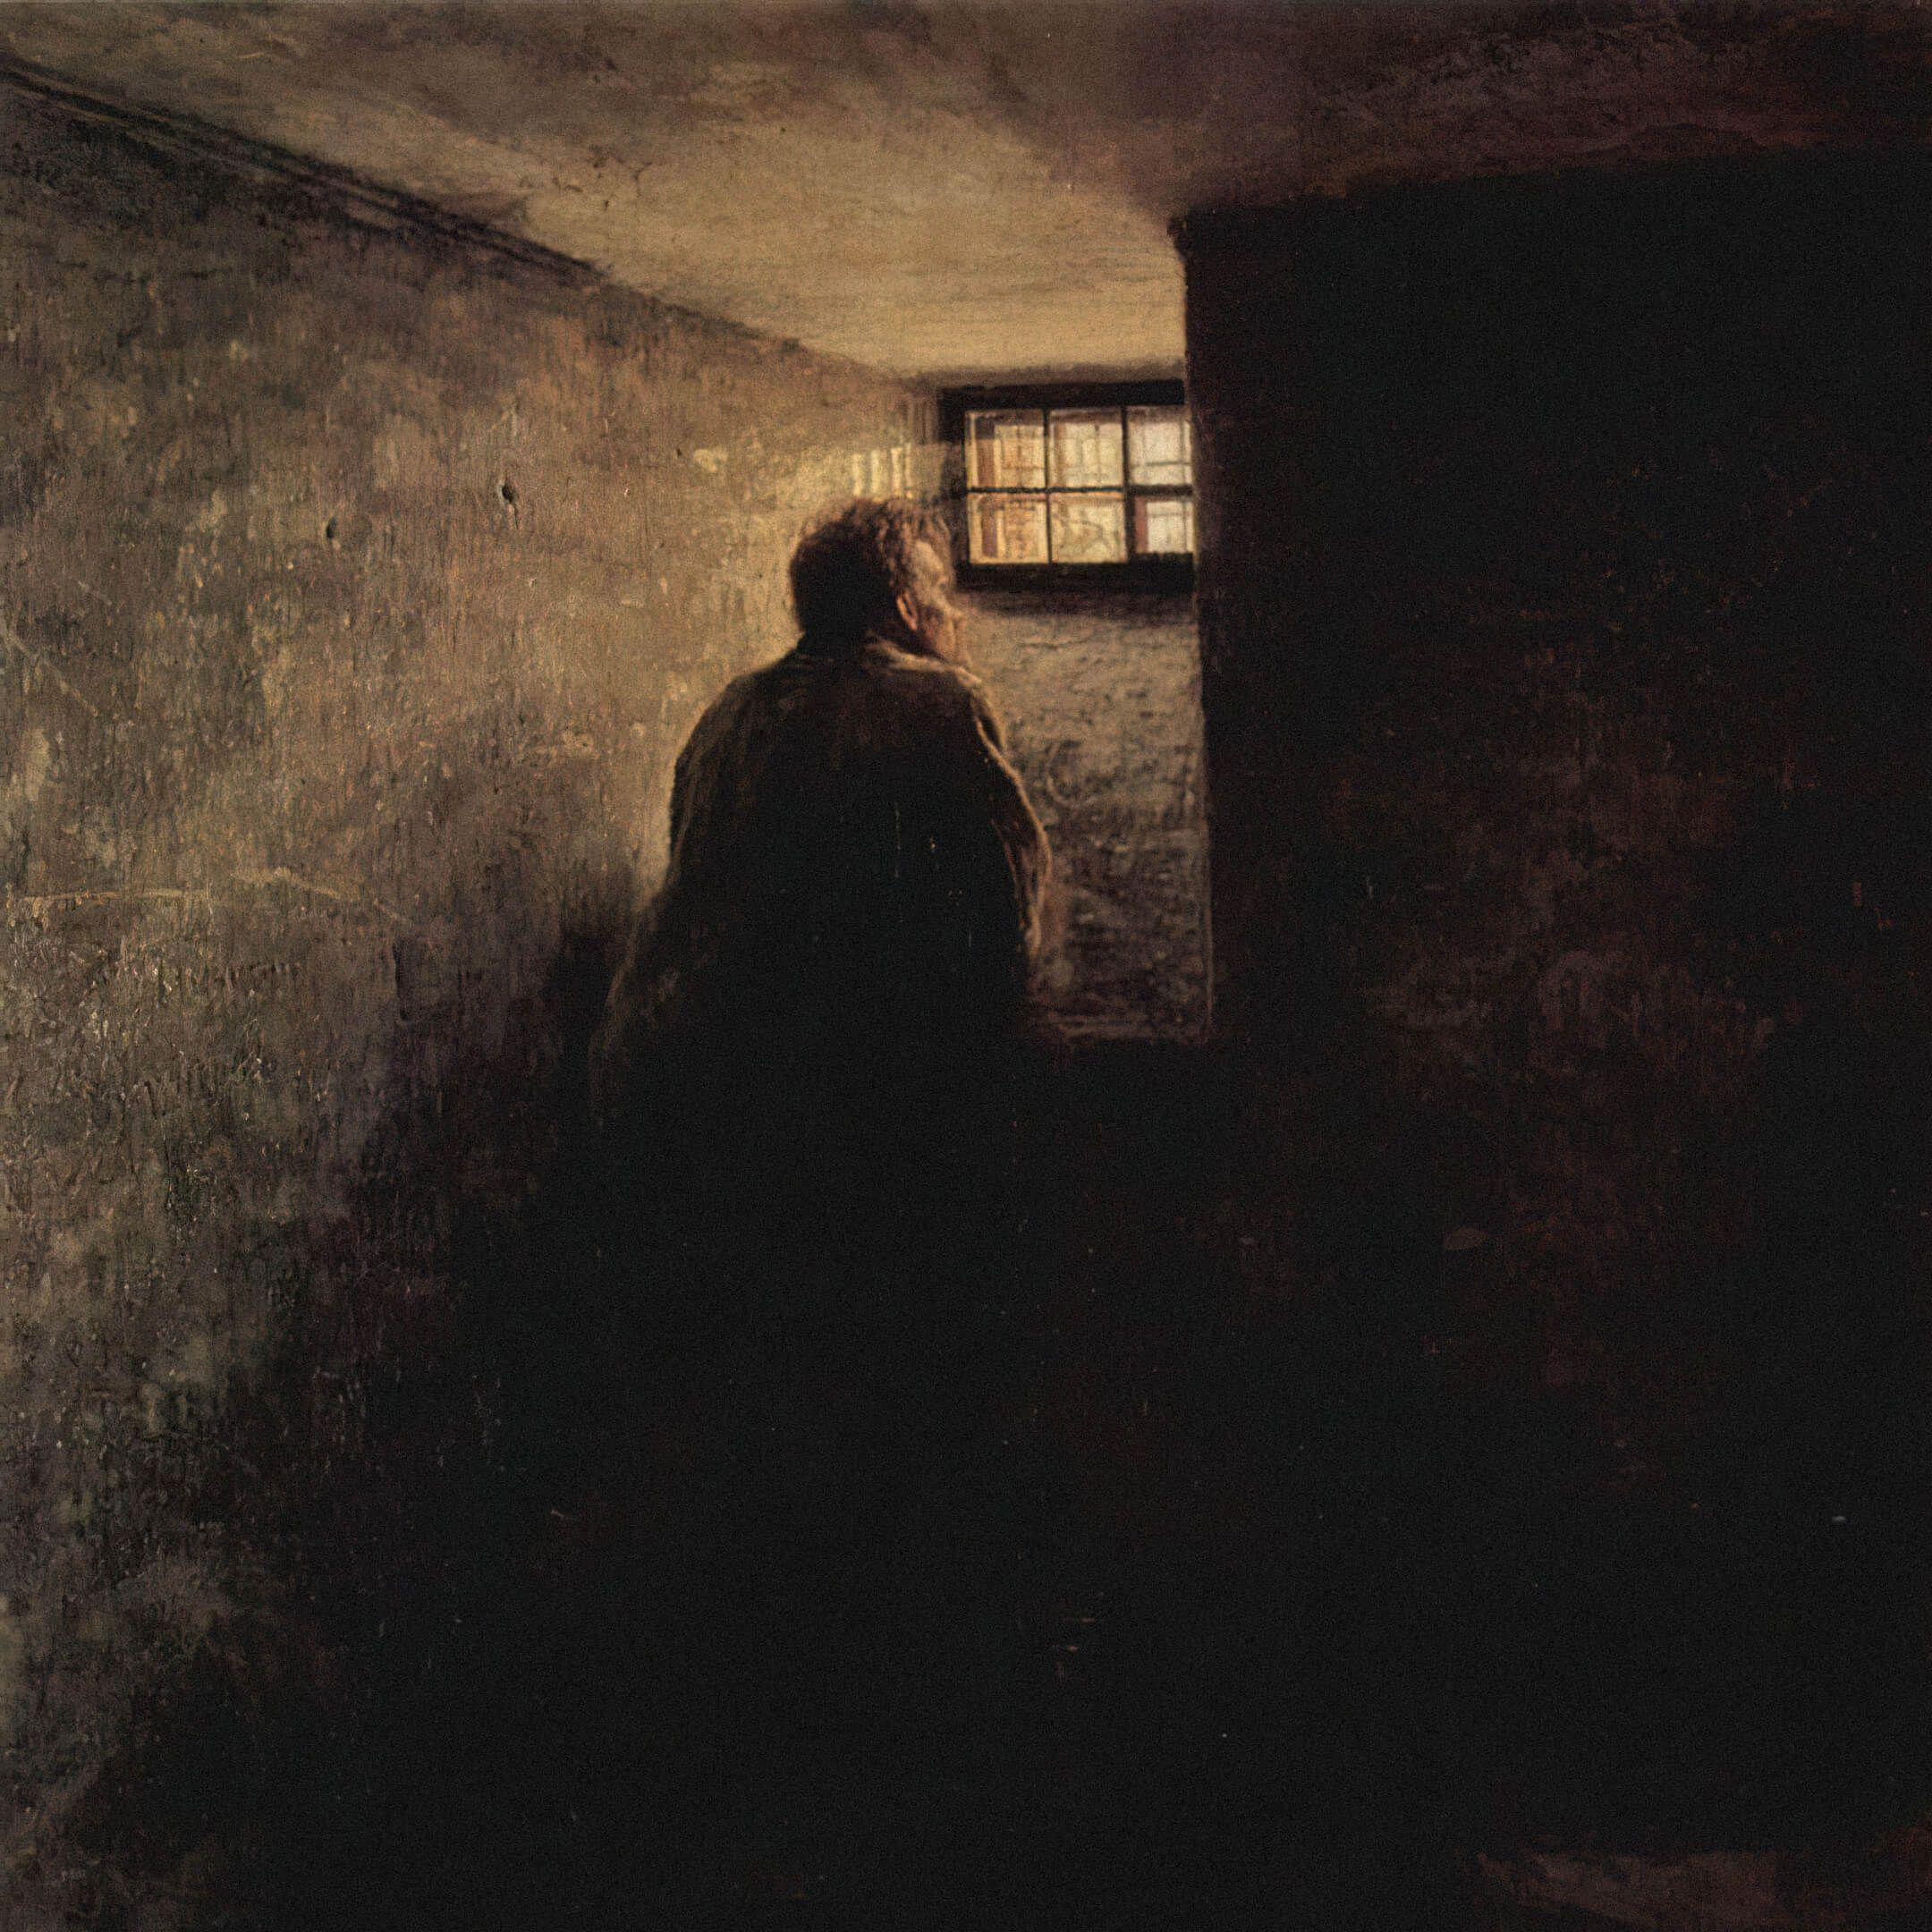 Картина «Заключённый», художник Николай Ярошенко, 1878год. Источник: wikipedia.org